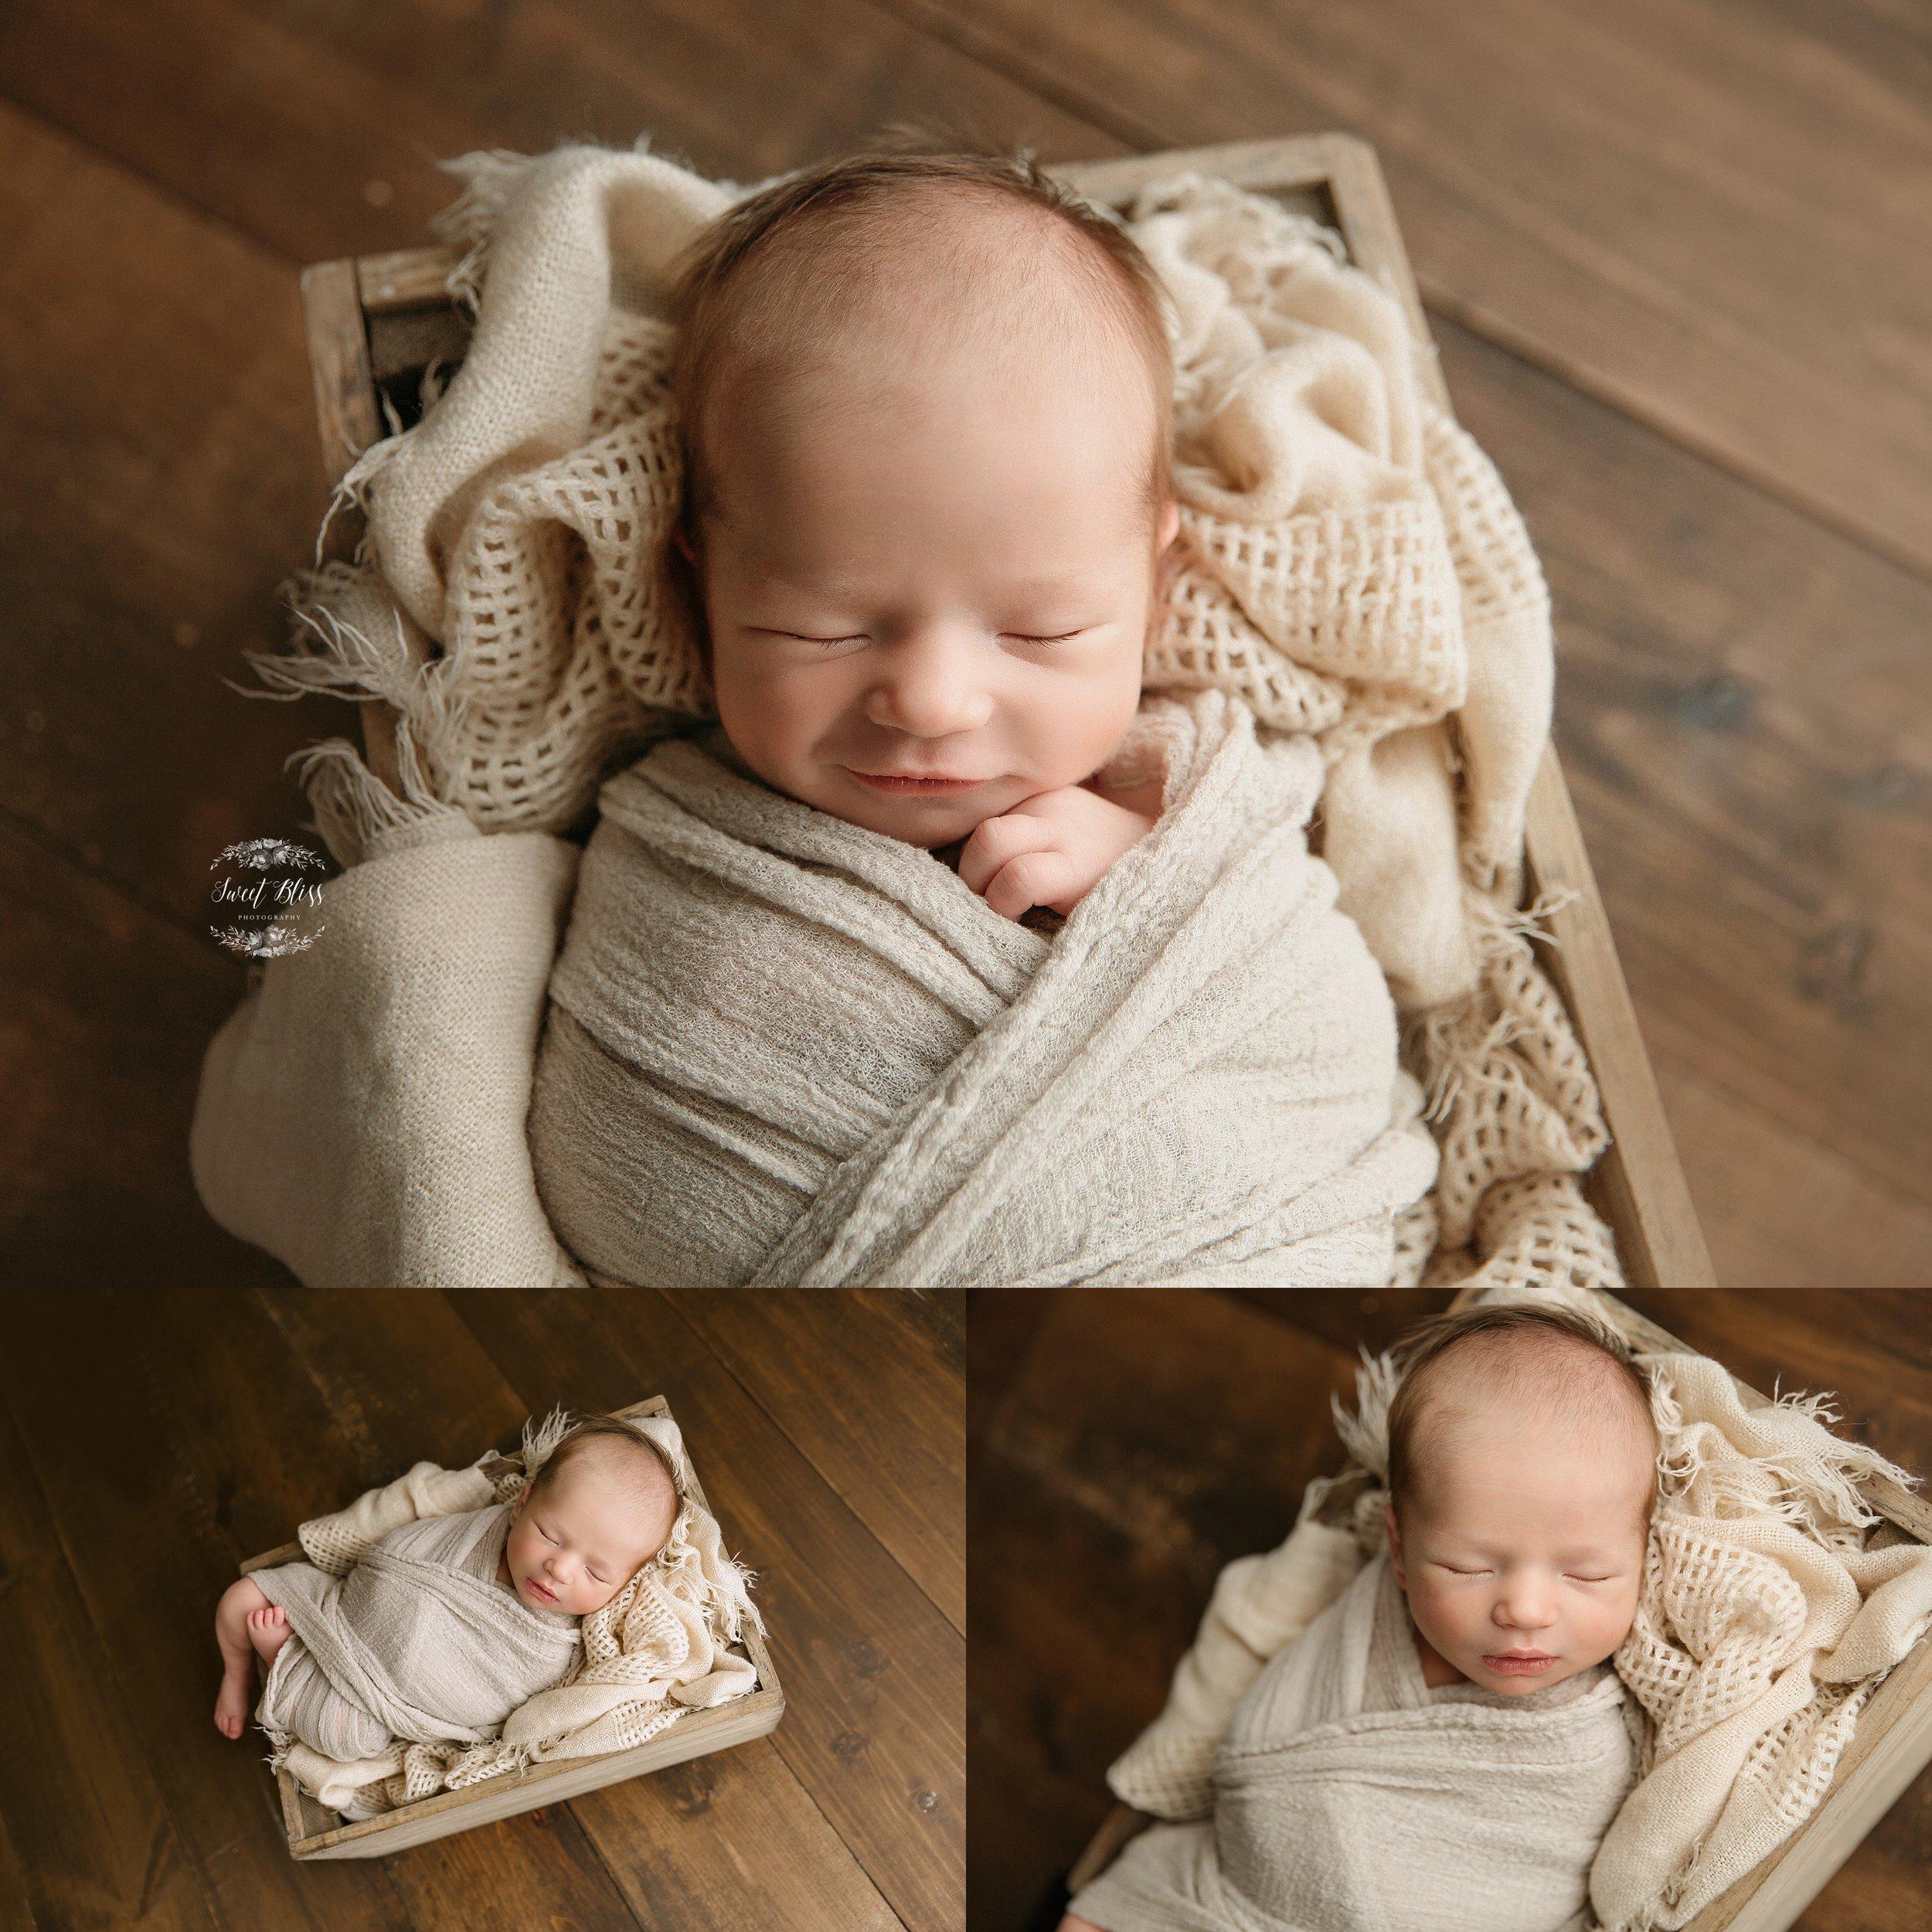 newbornphotographermaryland_newbornbaltimore_sweetblissphoto-36.jpg